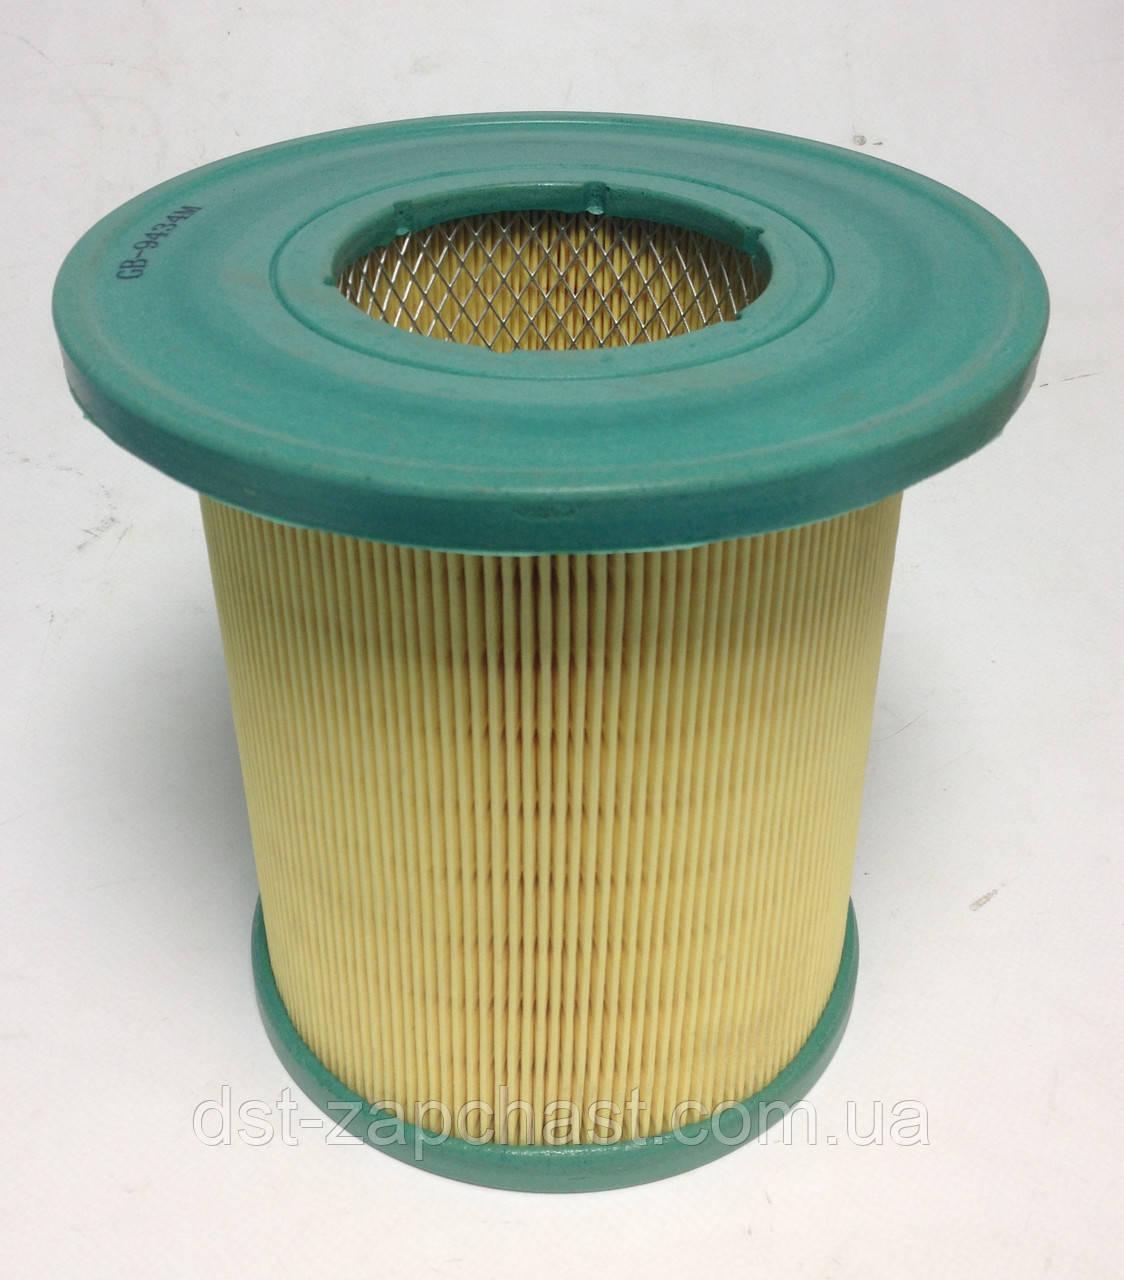 28-1109013-188 Фильтр воздушный Газ Cummins ISF2.8 GB-9434M